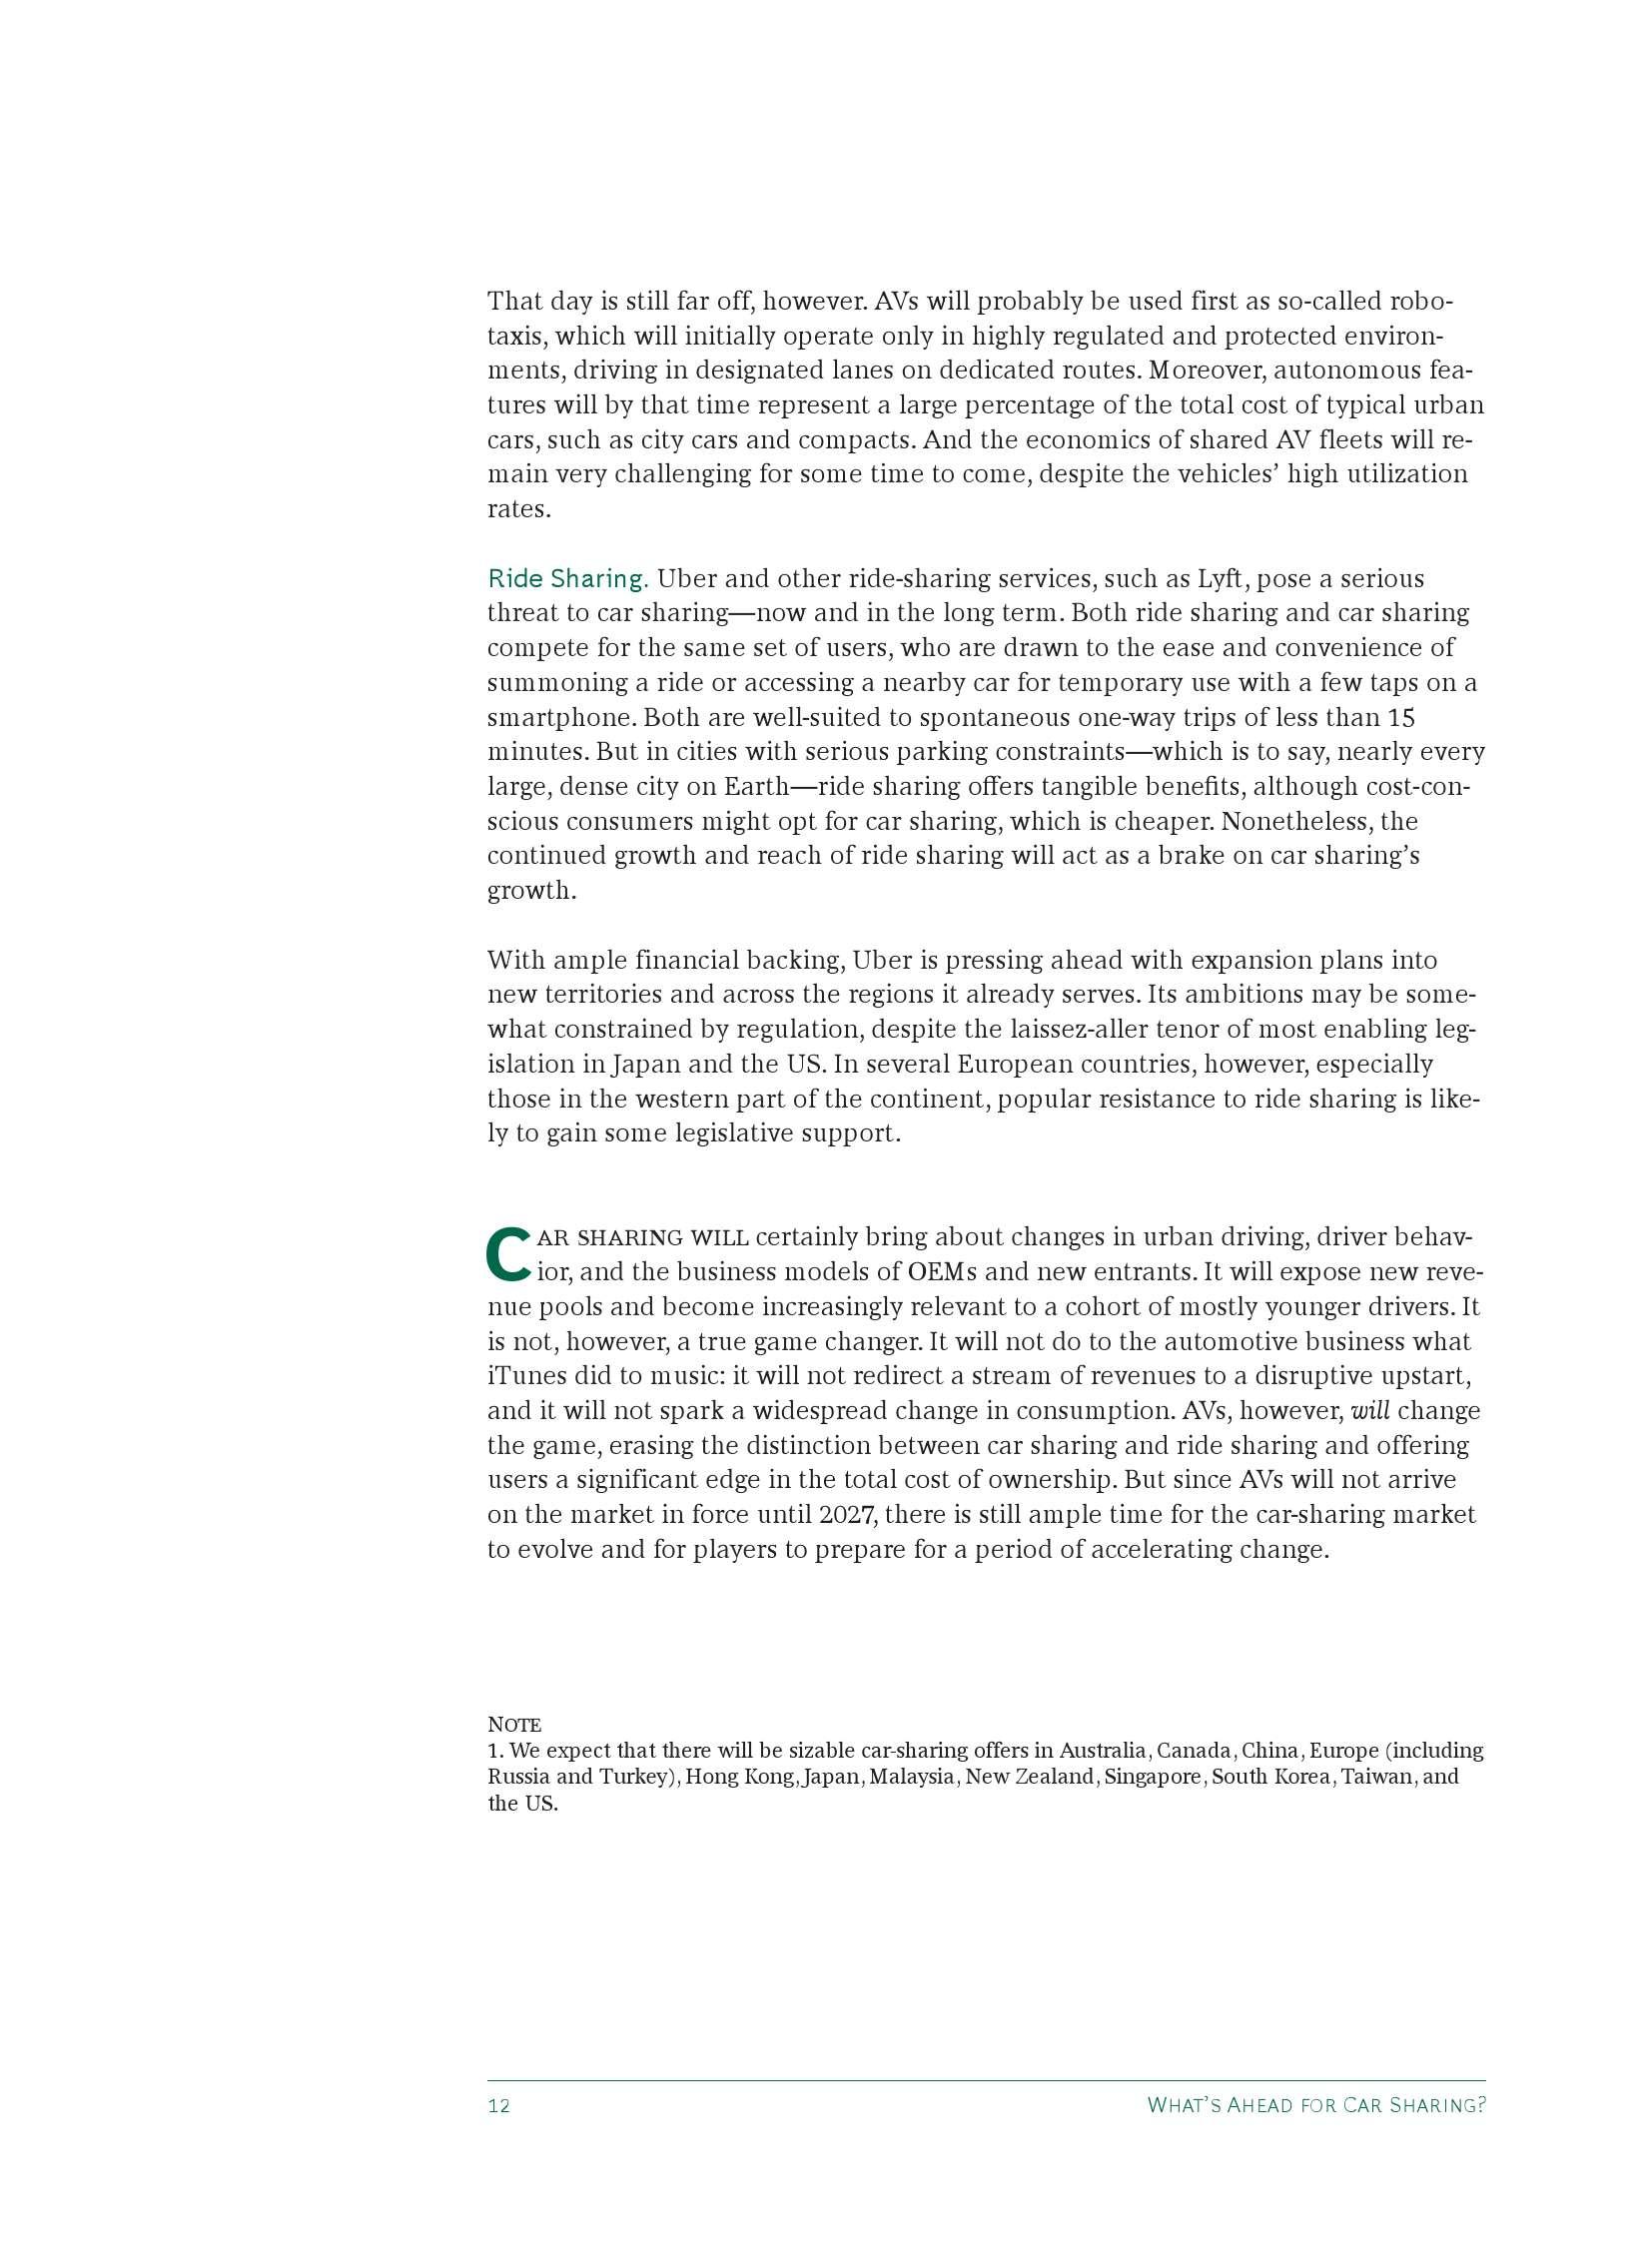 汽车共享新前景:新型出行方式对汽车销量的影响_000014